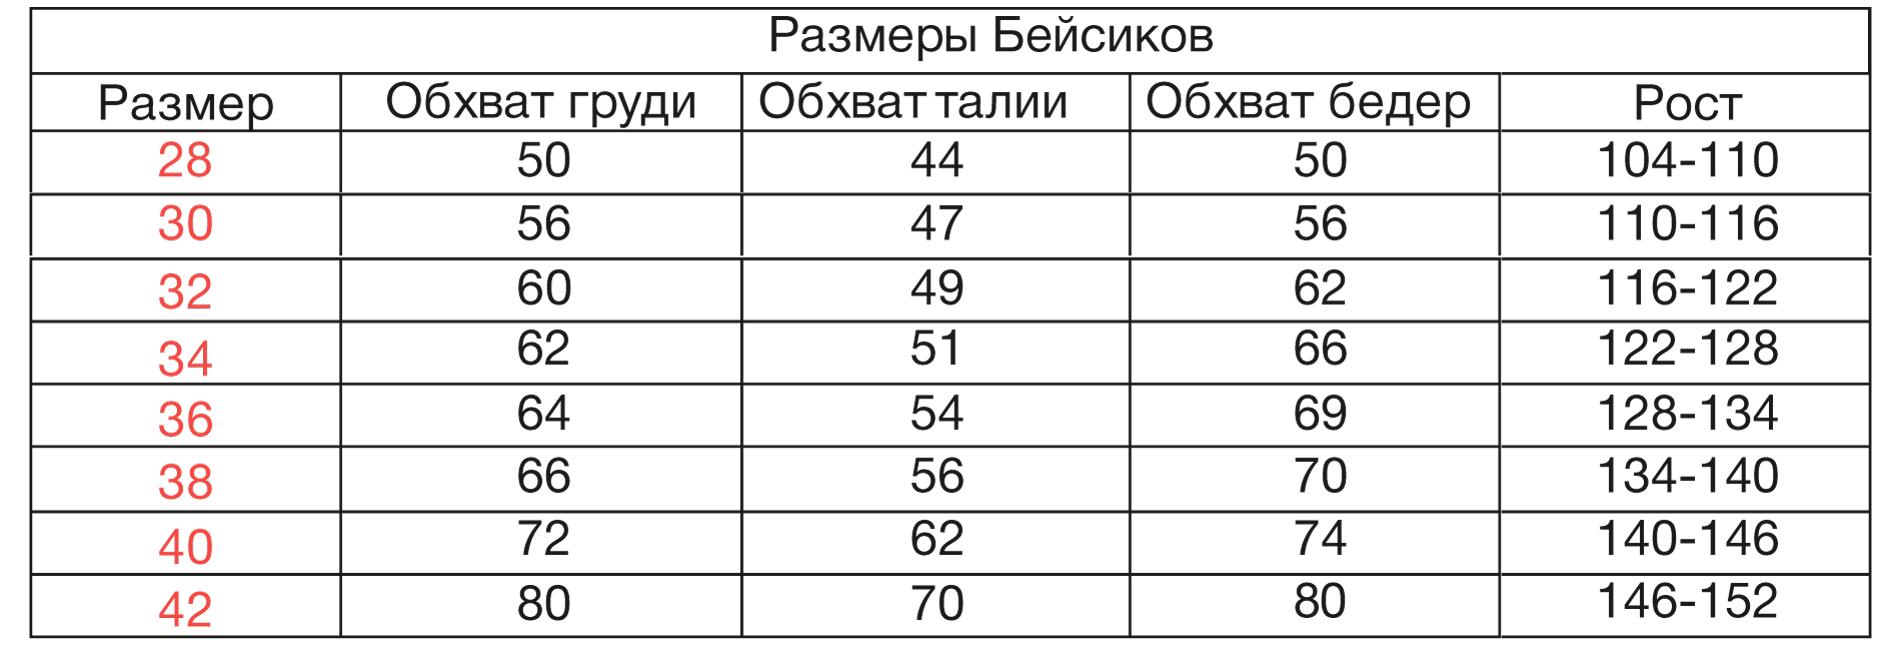 %d1%80%d0%b0%d0%b7%d0%bc%d0%b5%d1%80%d1%8b-%d0%b1%d0%b5%d0%b9%d1%81%d0%b8%d0%ba%d0%be%d0%b2